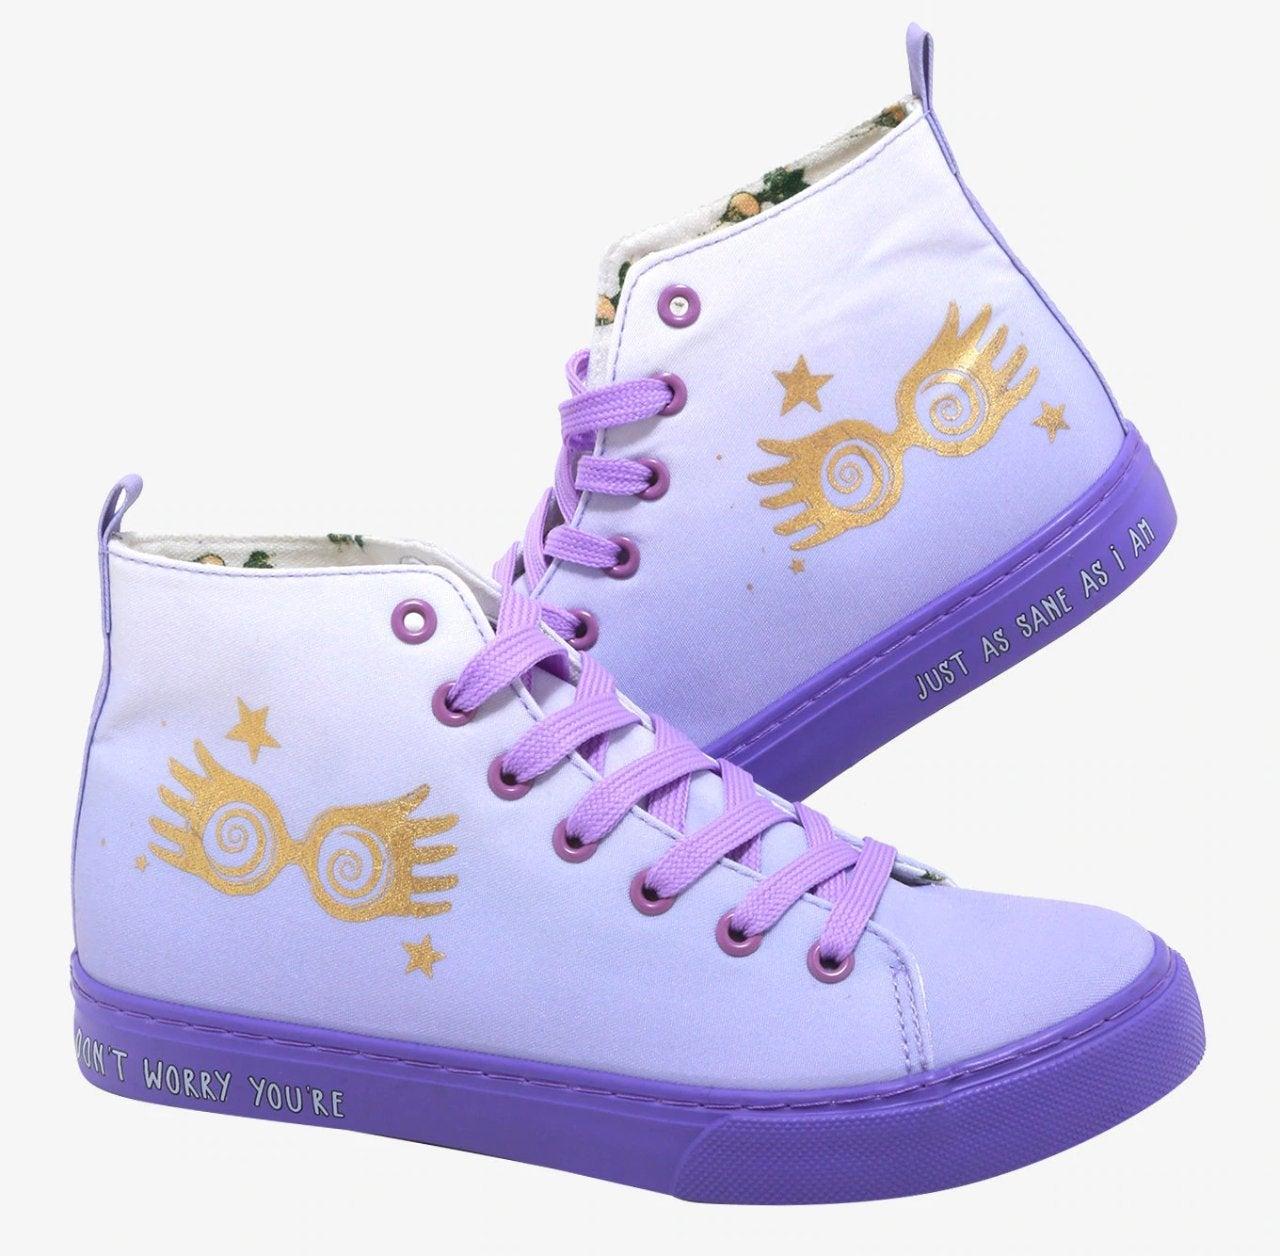 luna-lovegood-sneakers